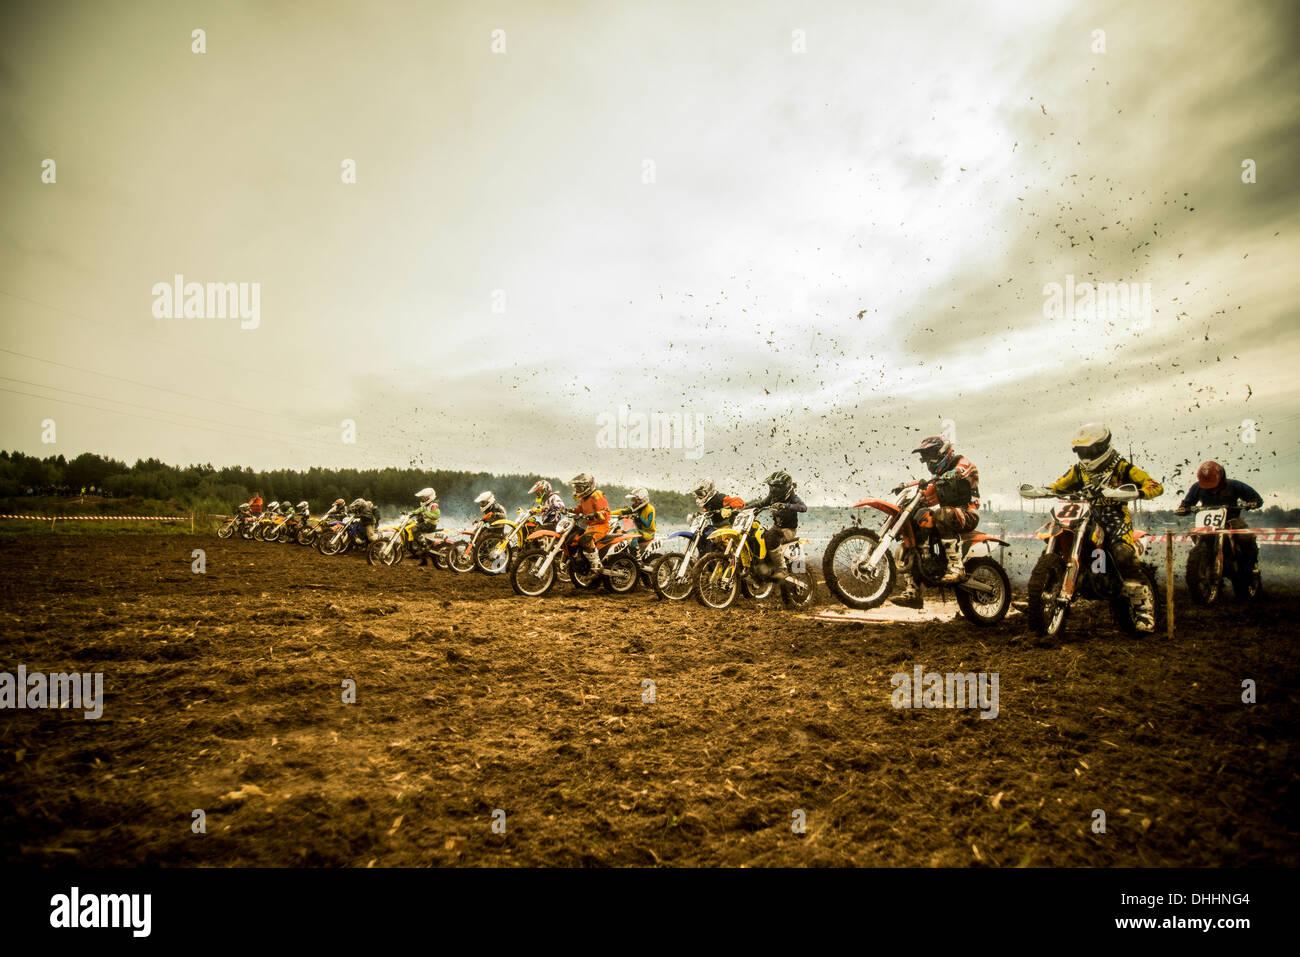 Grupo de muchachos en las motos de motocross en línea INICIO Imagen De Stock